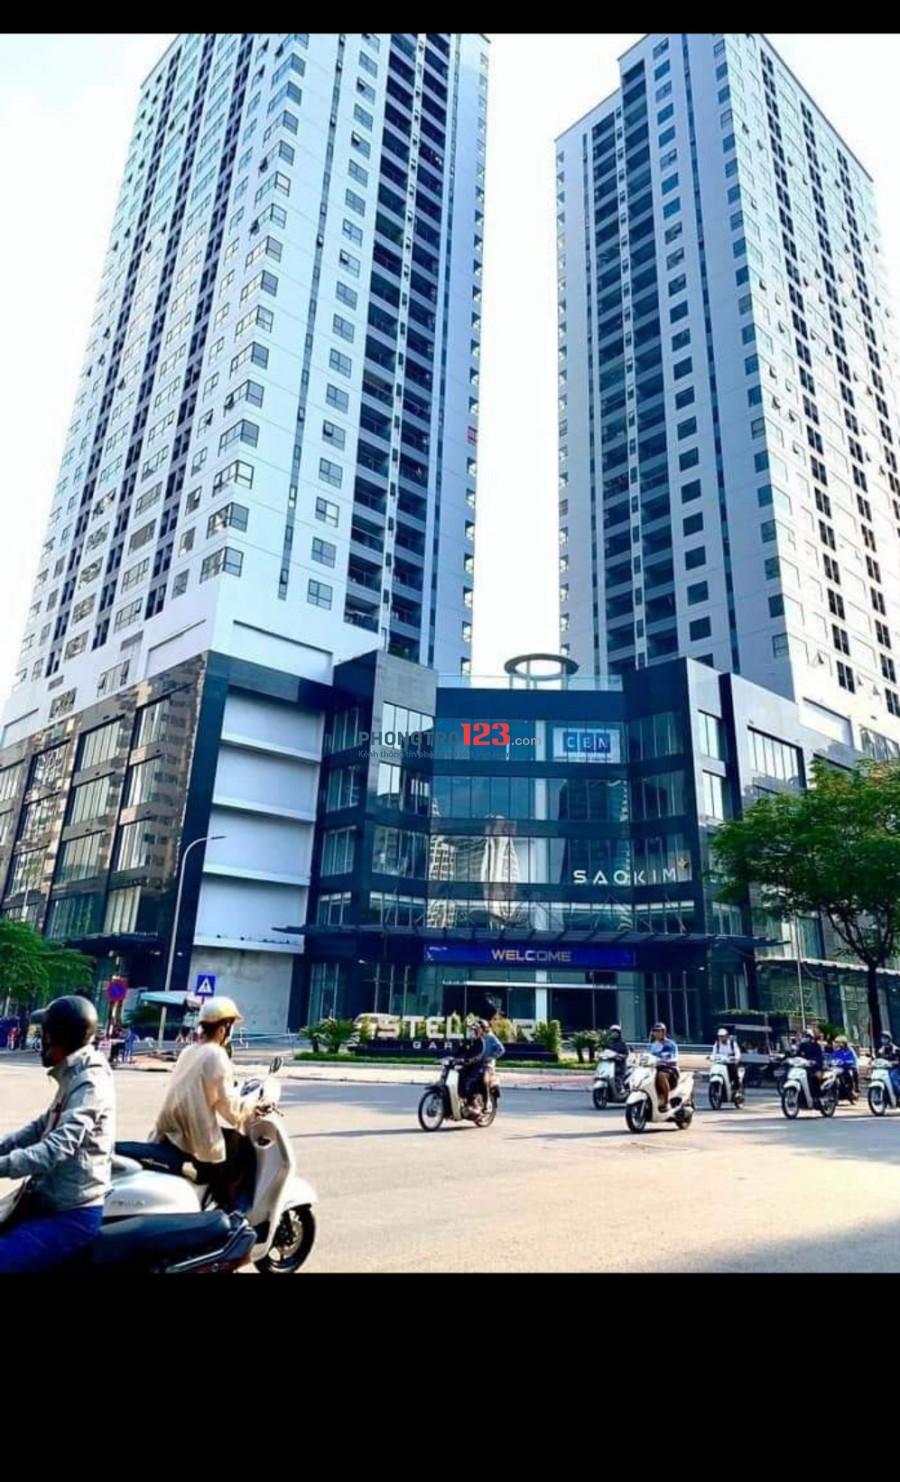 Cho thuê MBKD, Văn Phòng, Shorrom,Lớp Học...tại sàn thương mại 35 Lê Văn Thiêm, Thanh Xuân,Hà Nội.LH.0866683628